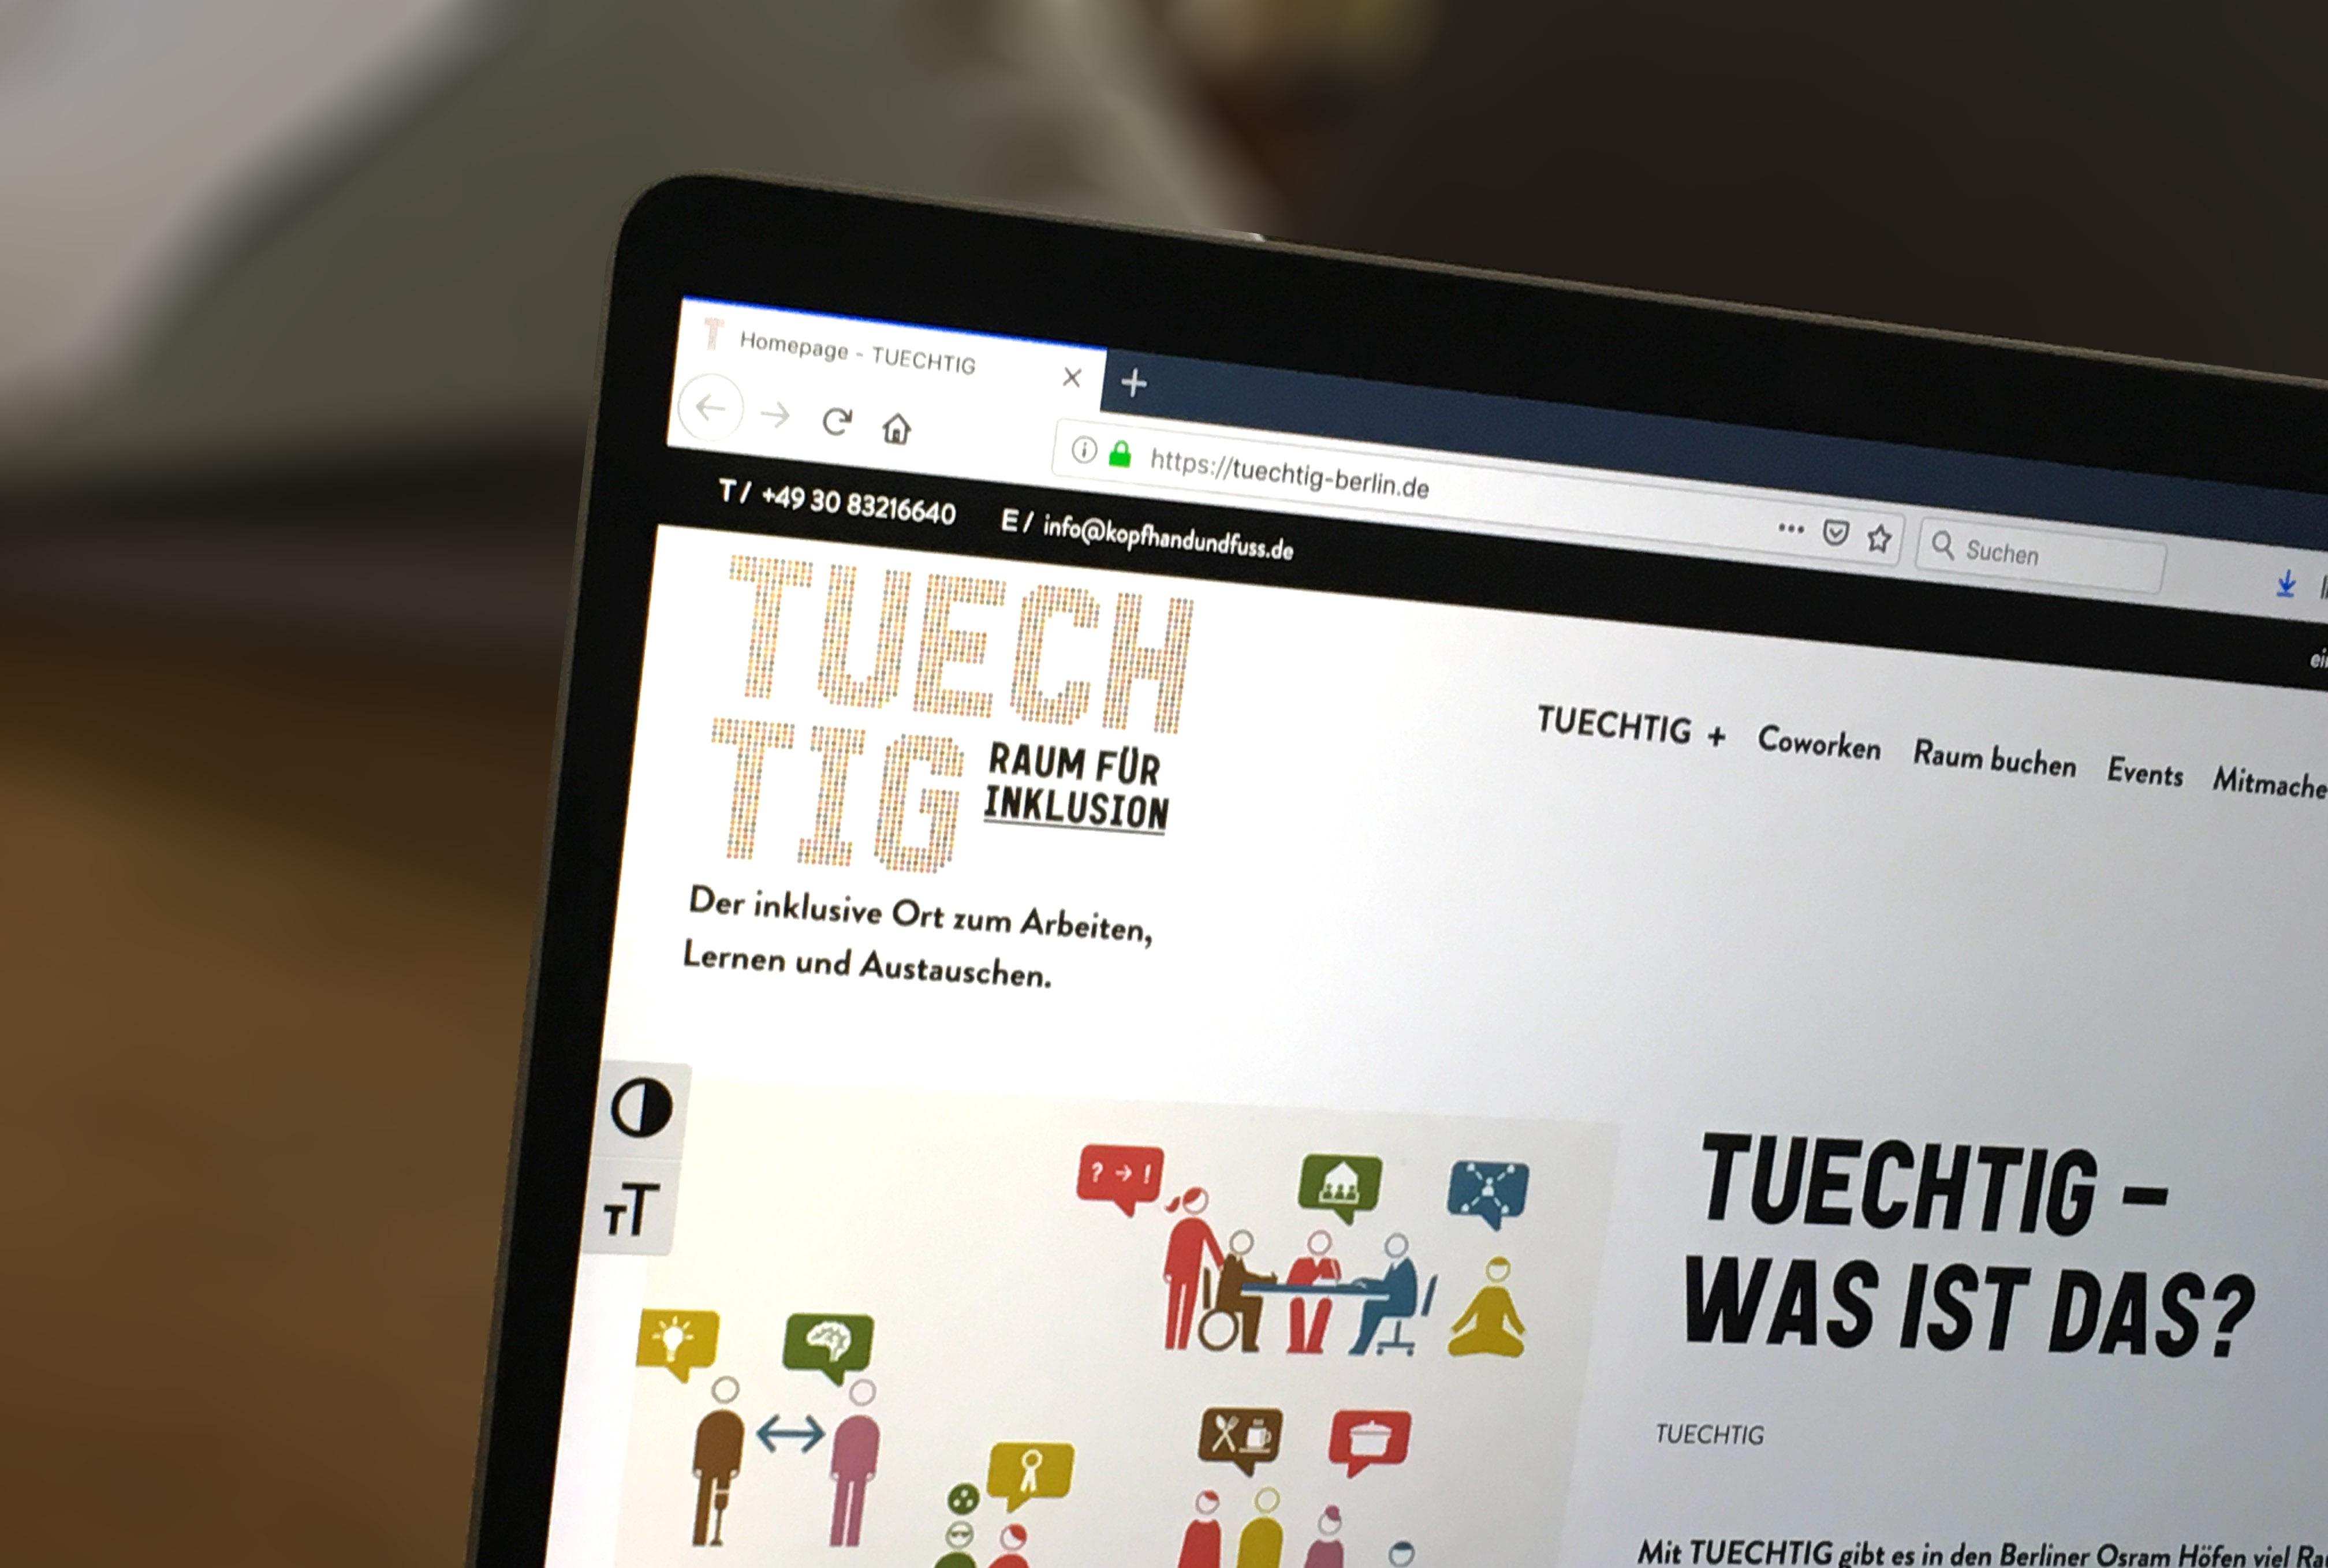 Foto der Tuechtig-Website auf einem Laptop.